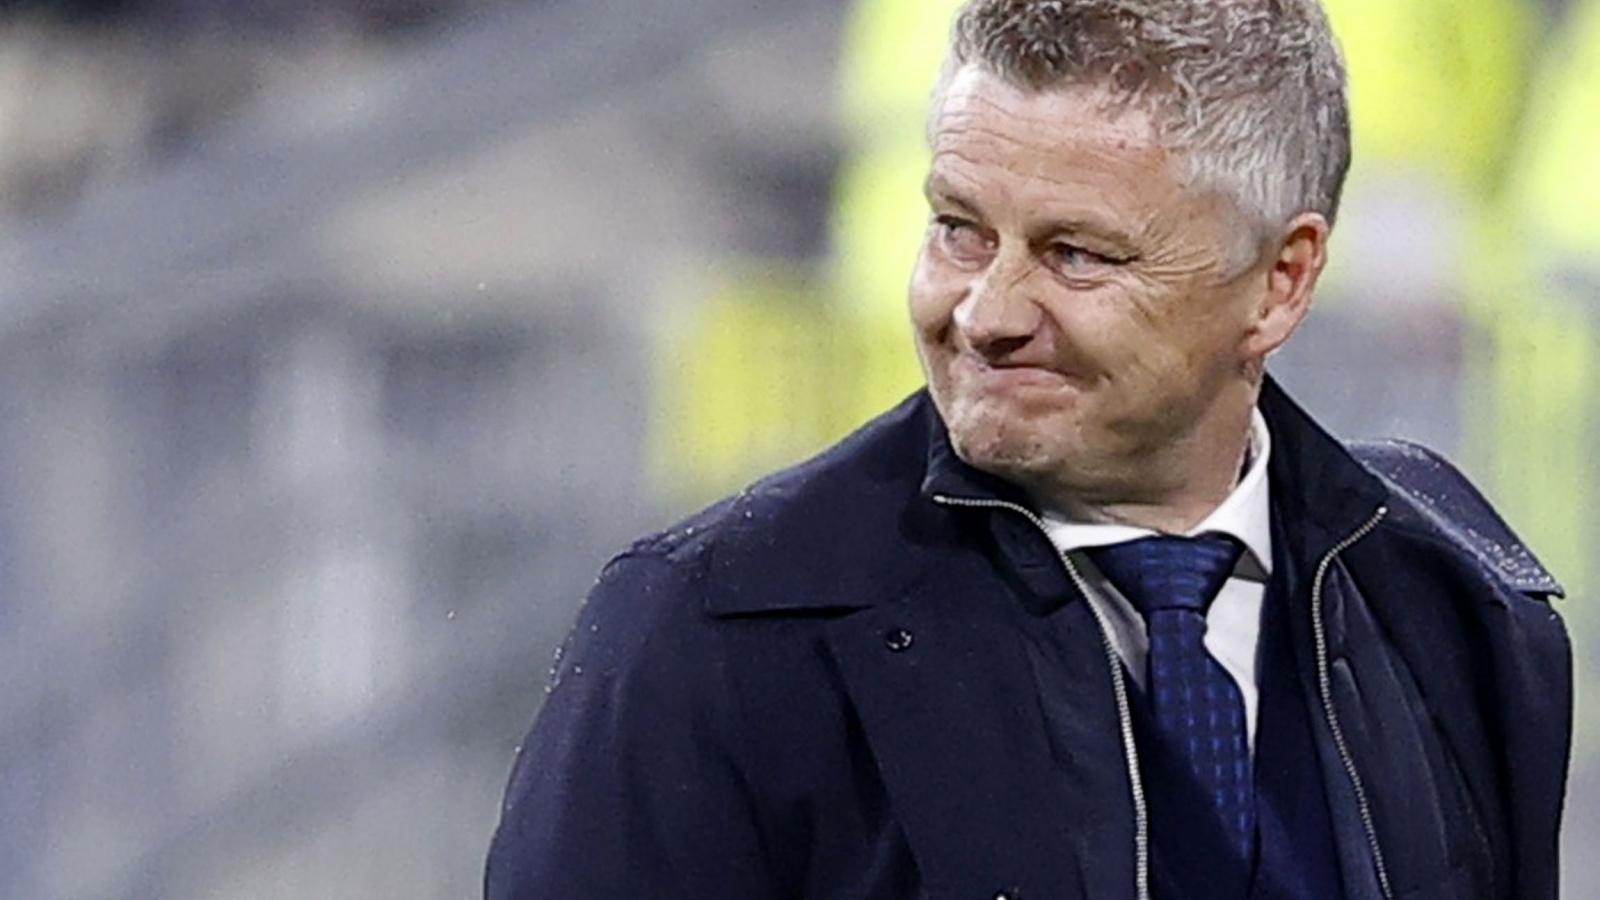 Tin chuyển nhượng 28/5: MU gia hạn hợp đồng với Solskjaer, Man City bạo chi vì Grealish